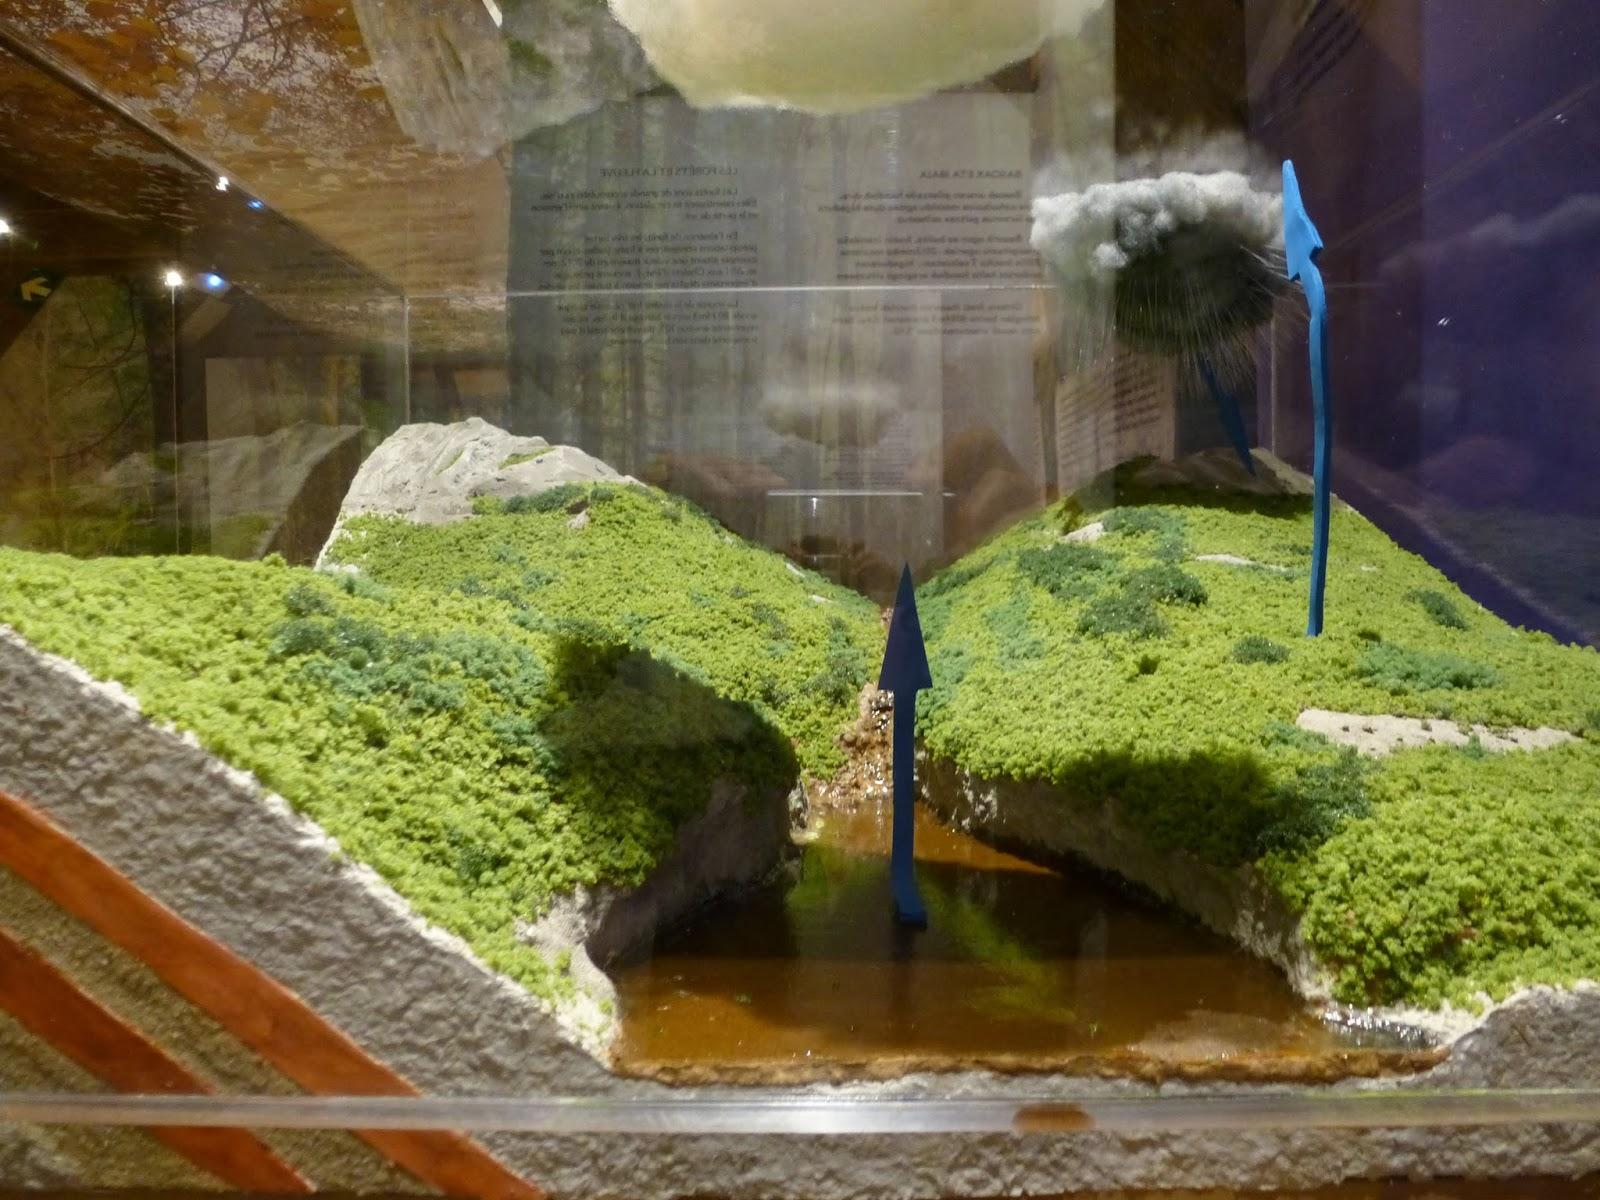 del agua, maqueta explicativa. Cabecera del río Irati y su bosque